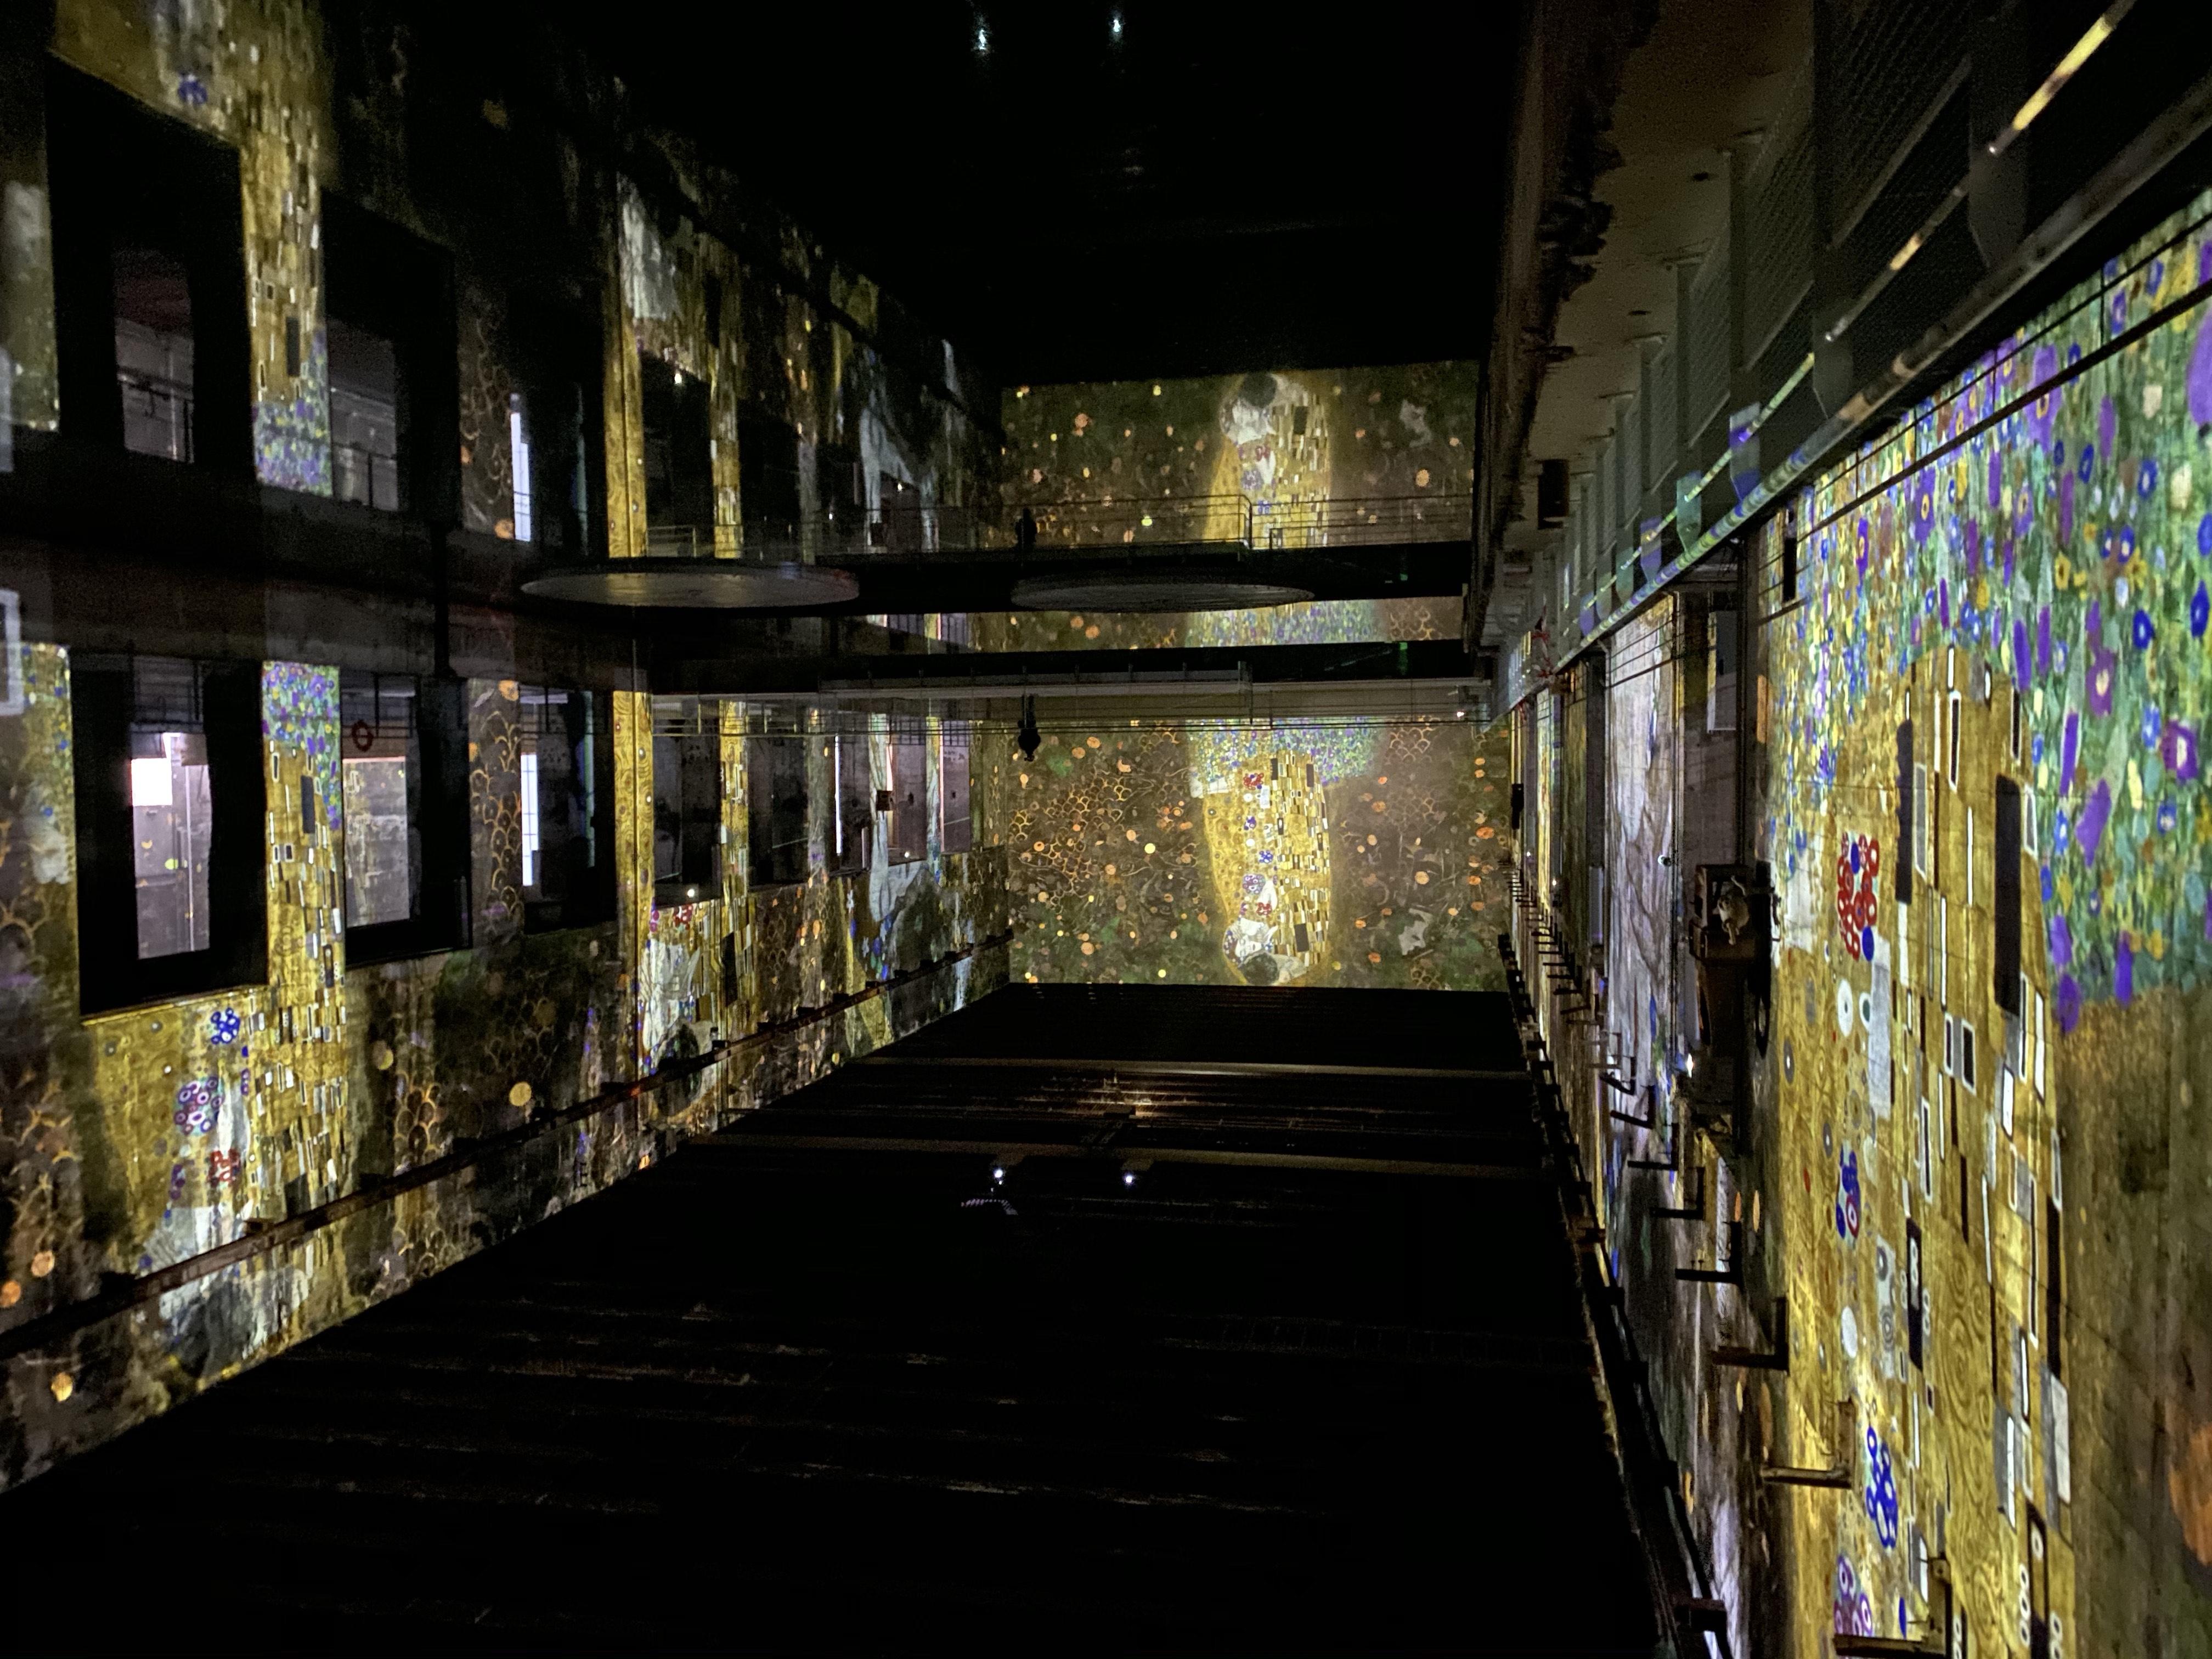 bassins de lumieres projection 2